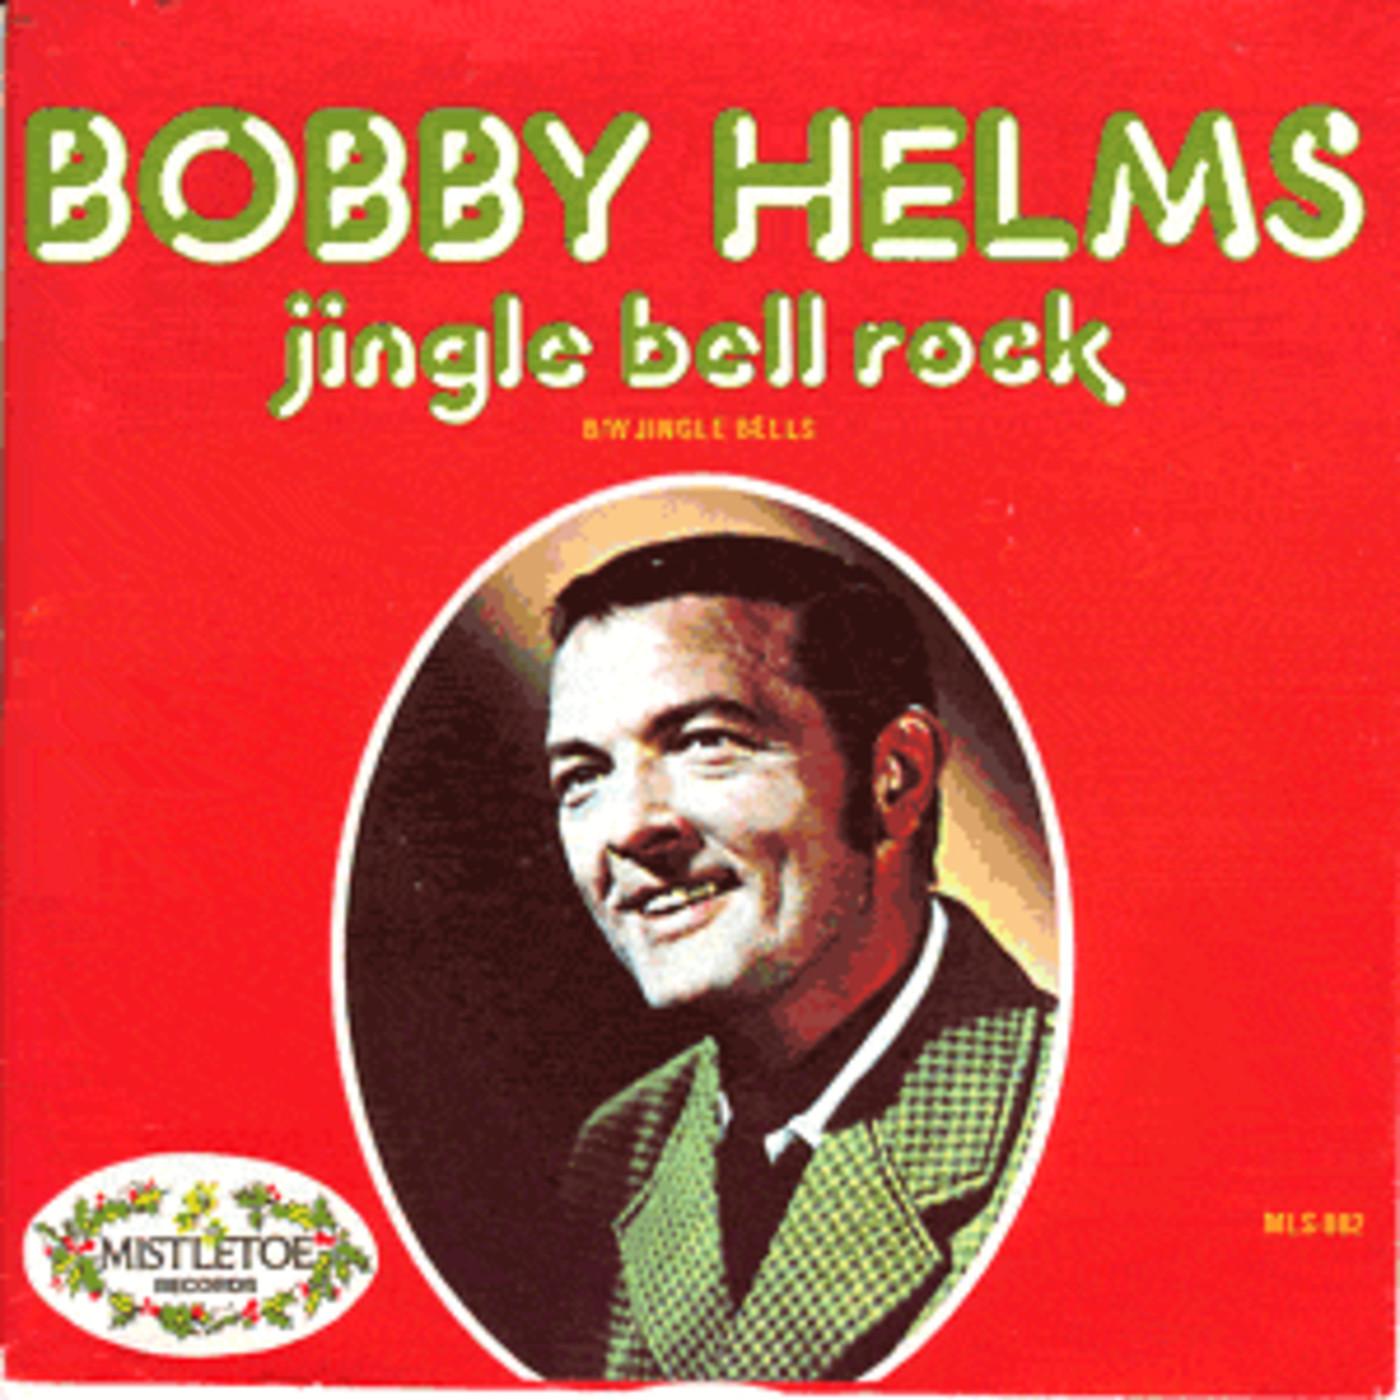 Bobby Helms-Jingle Bell Rock en Canciones de Navidad/Christmas Song en mp3(24/12 a las 02:21:54 ...